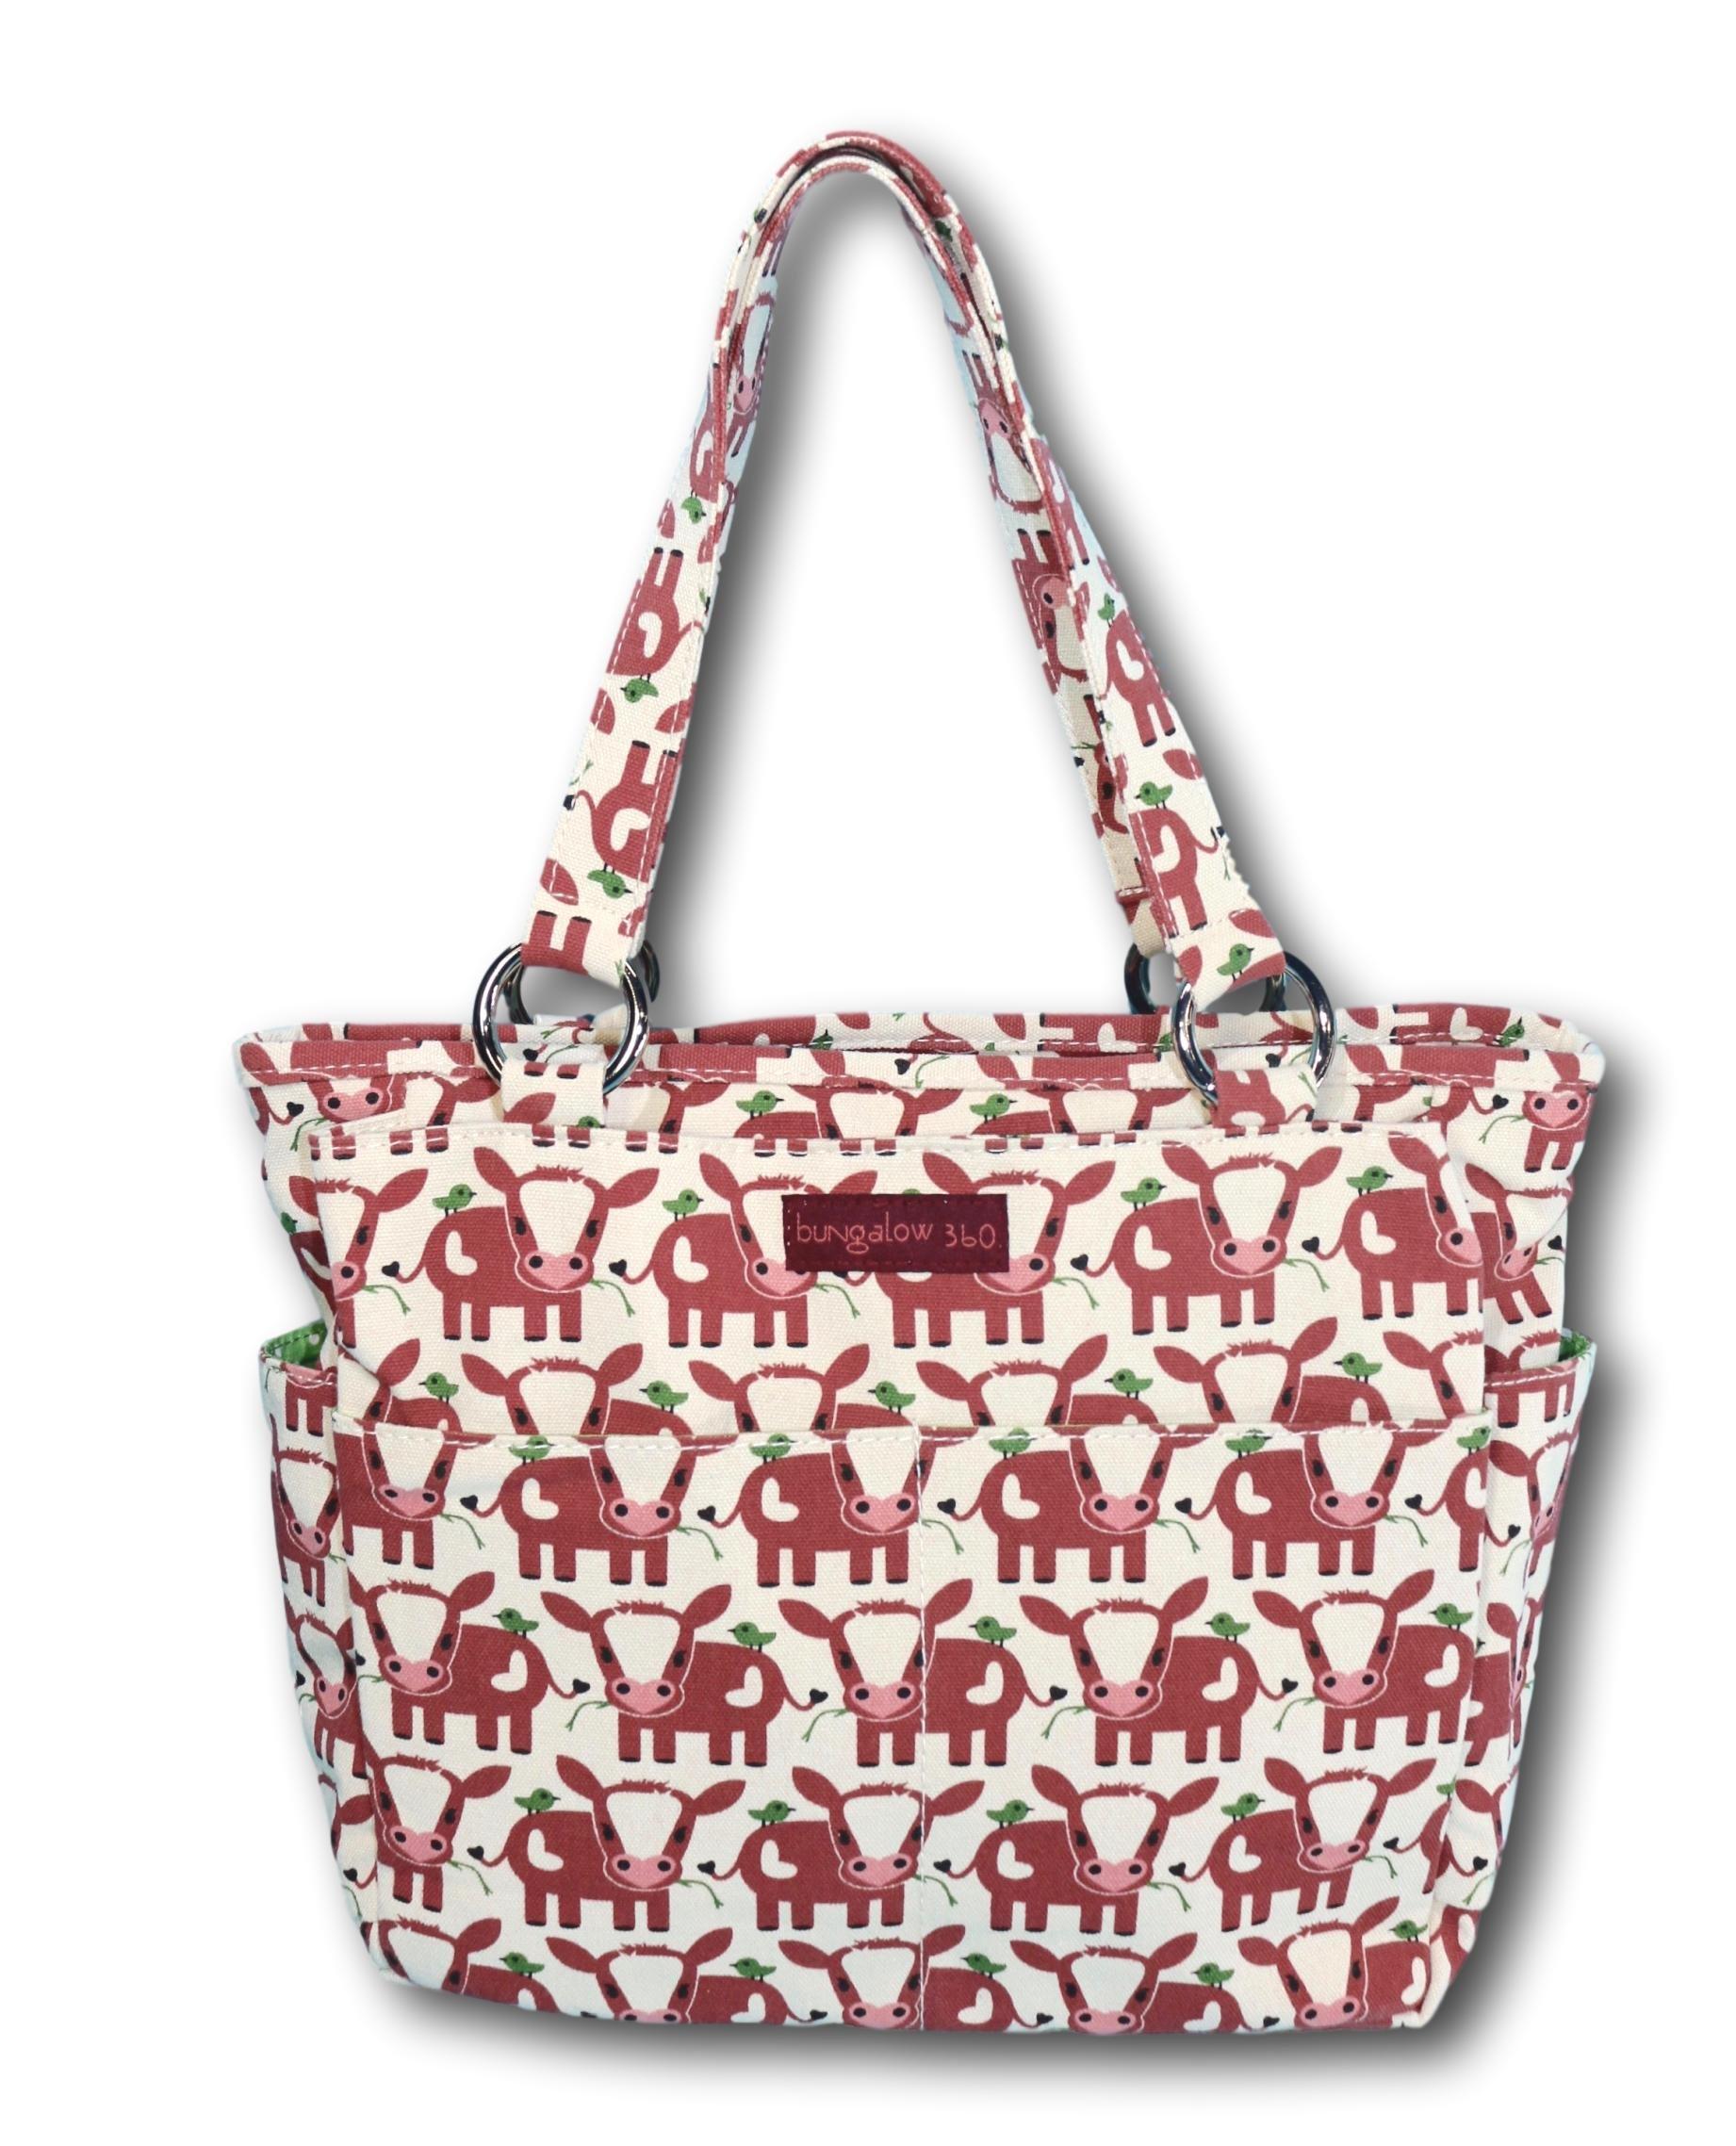 Bungalow 360 Pocket Bag Purse (Cow)